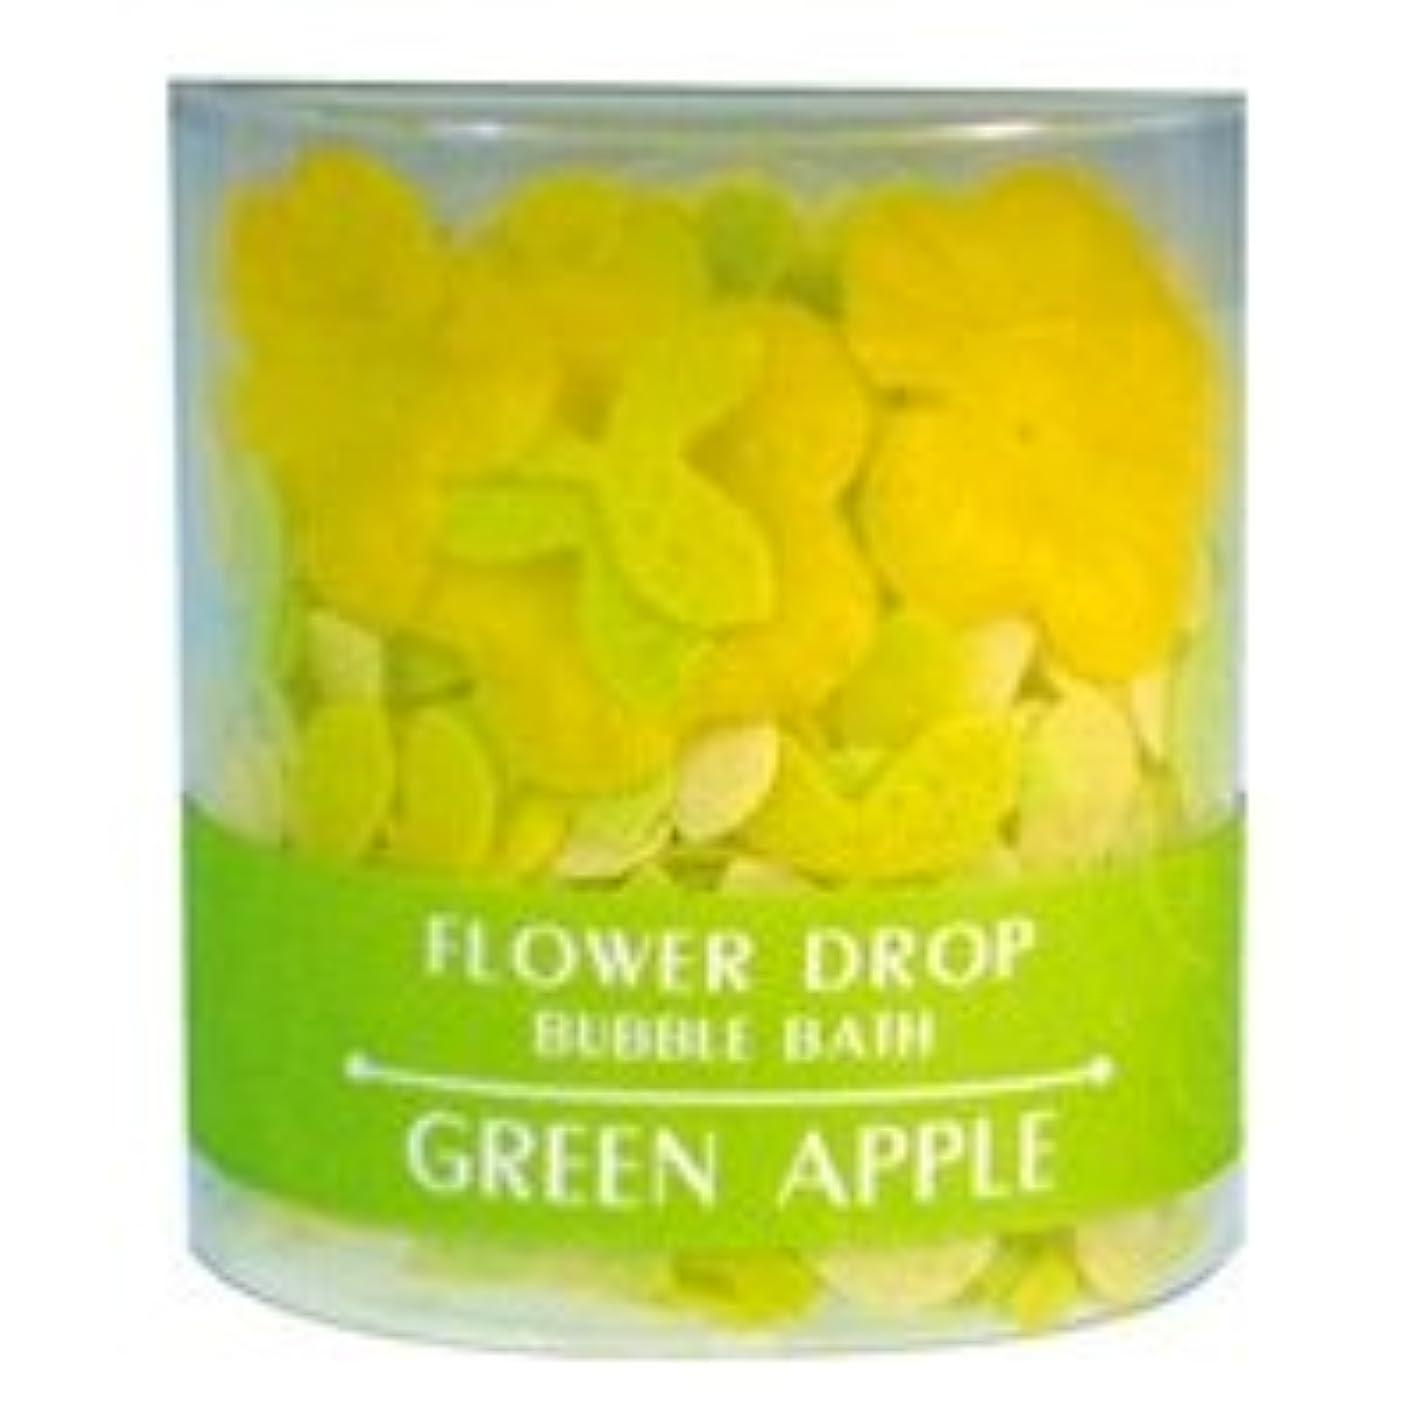 素子雑多な製造業フラワードロップ「グリーンアップル」20個セット 二葉の形のペタル